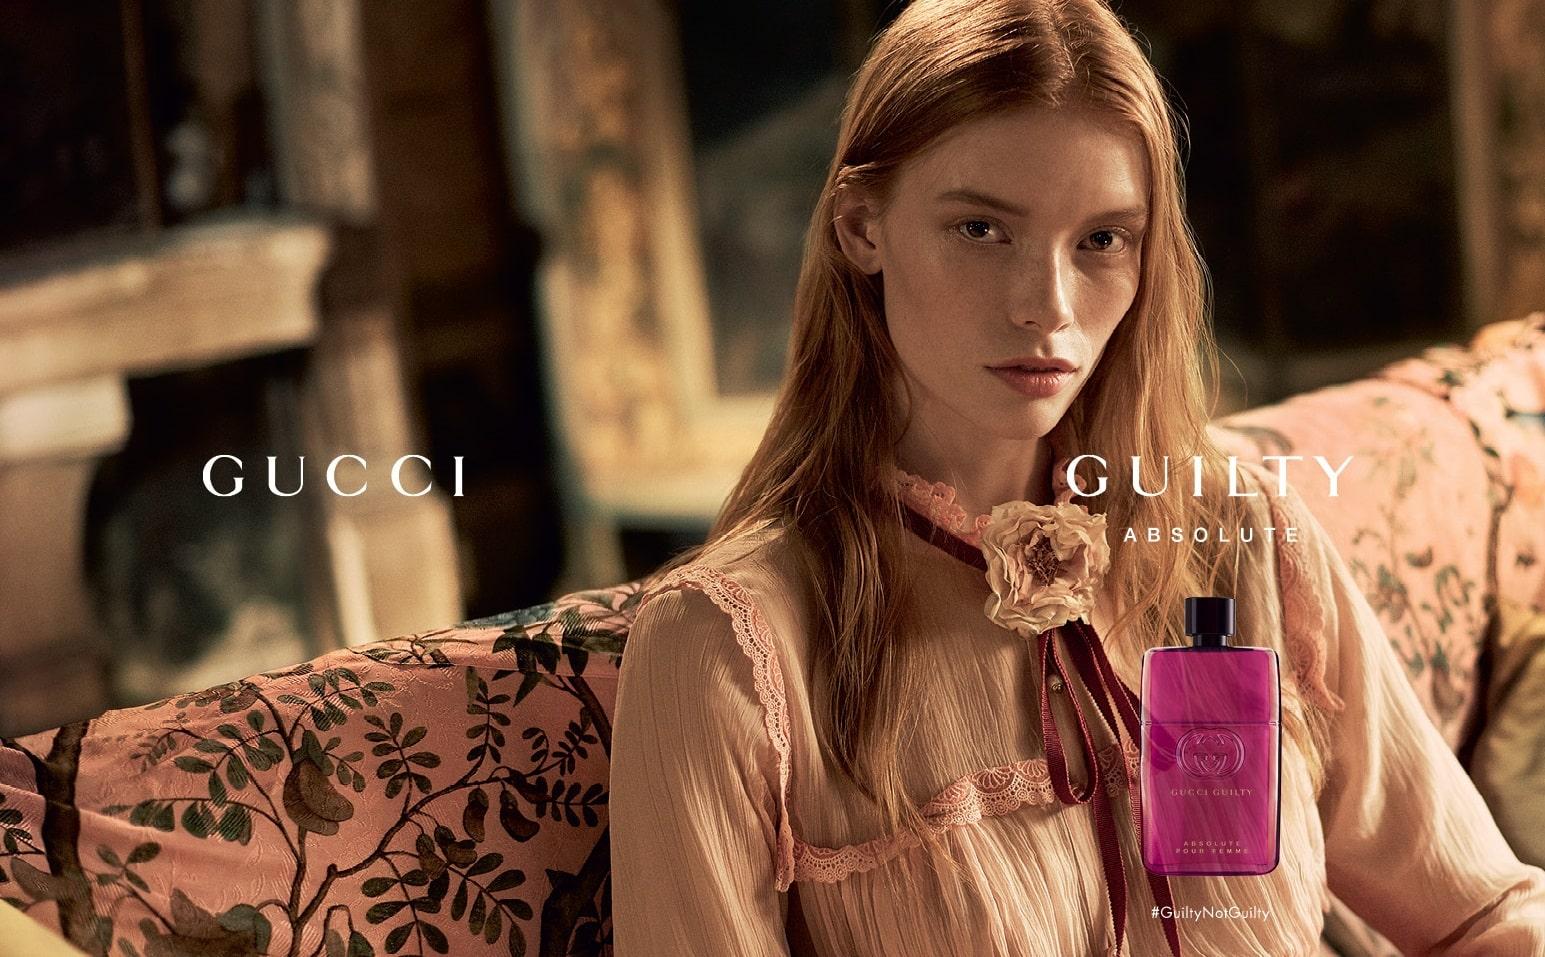 بررسی، مشاهده قیمت و خرید عطر (ادکلن) گوچی گیلتی ابسولوت پور فمه Gucci Guilty Absolute pour Femme اصل